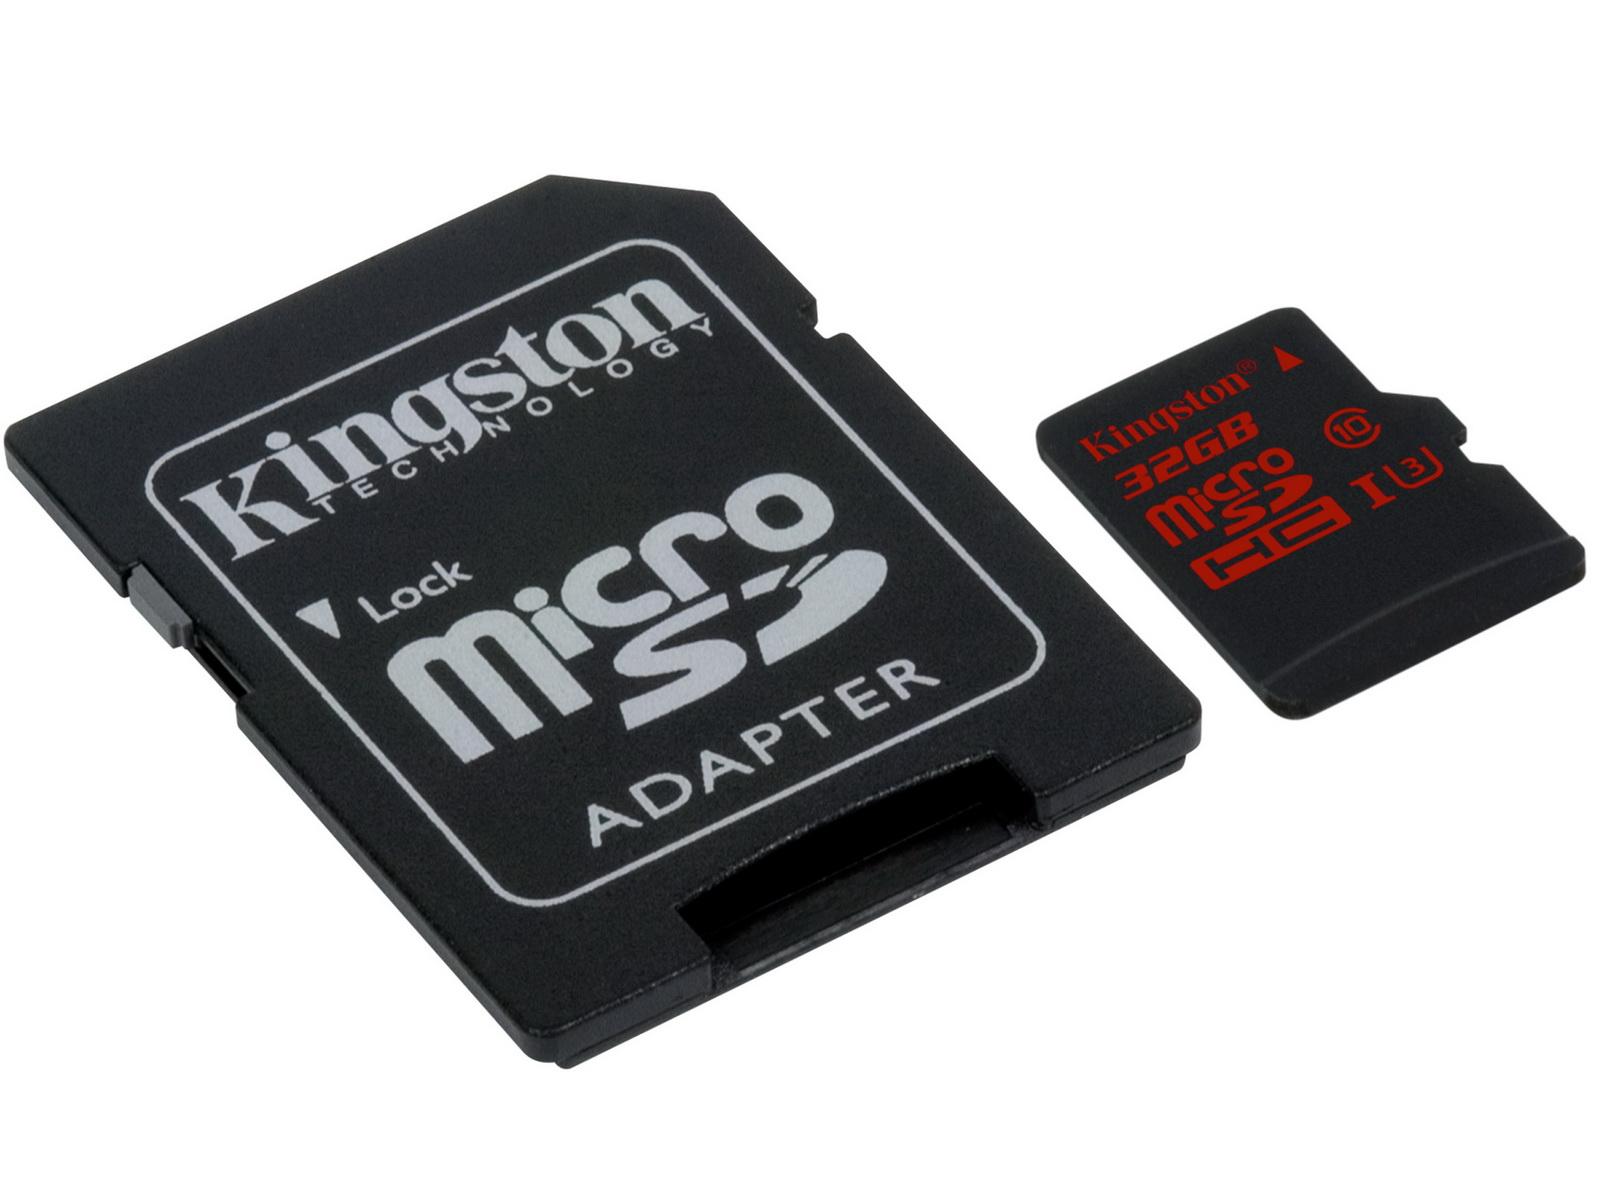 Kingston Digital SDCA3 microSD card